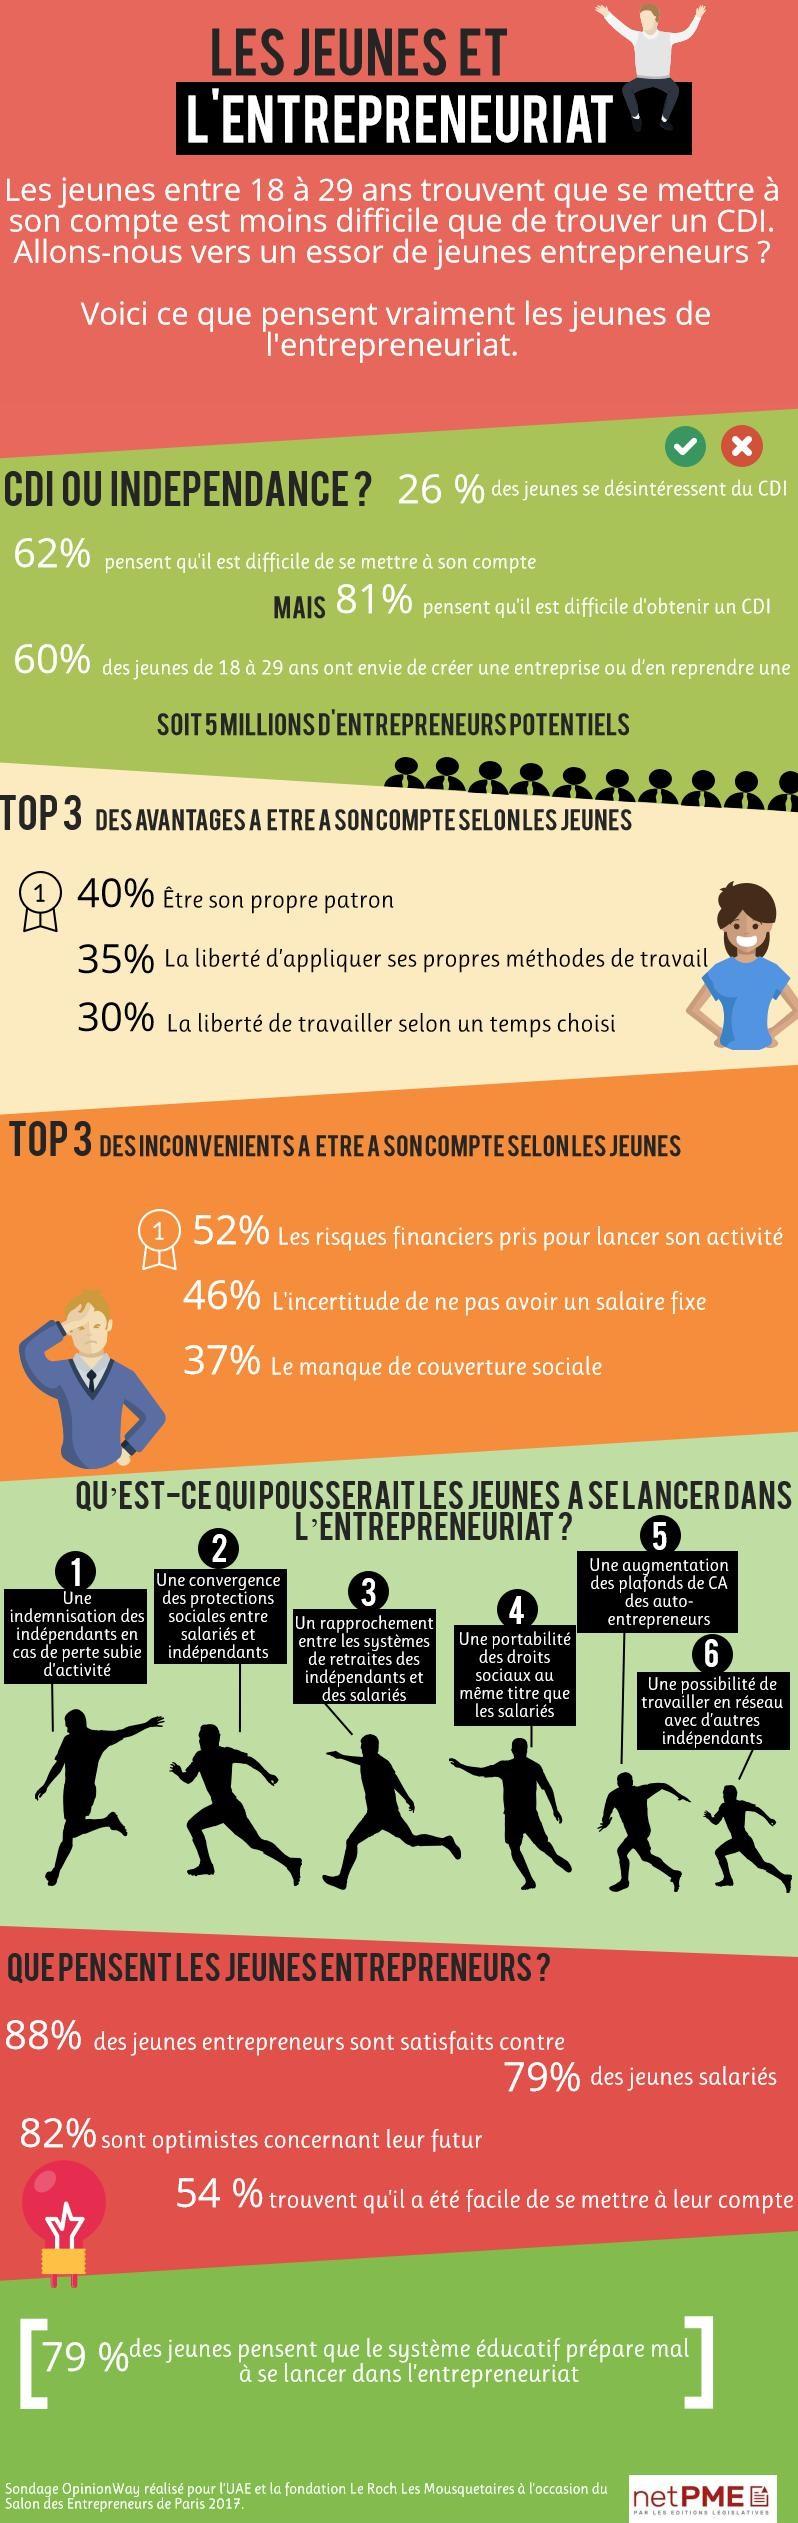 Infographie 1 5 million de jeunes fran ais s imaginent - Qu est ce que le plafond de la securite sociale ...